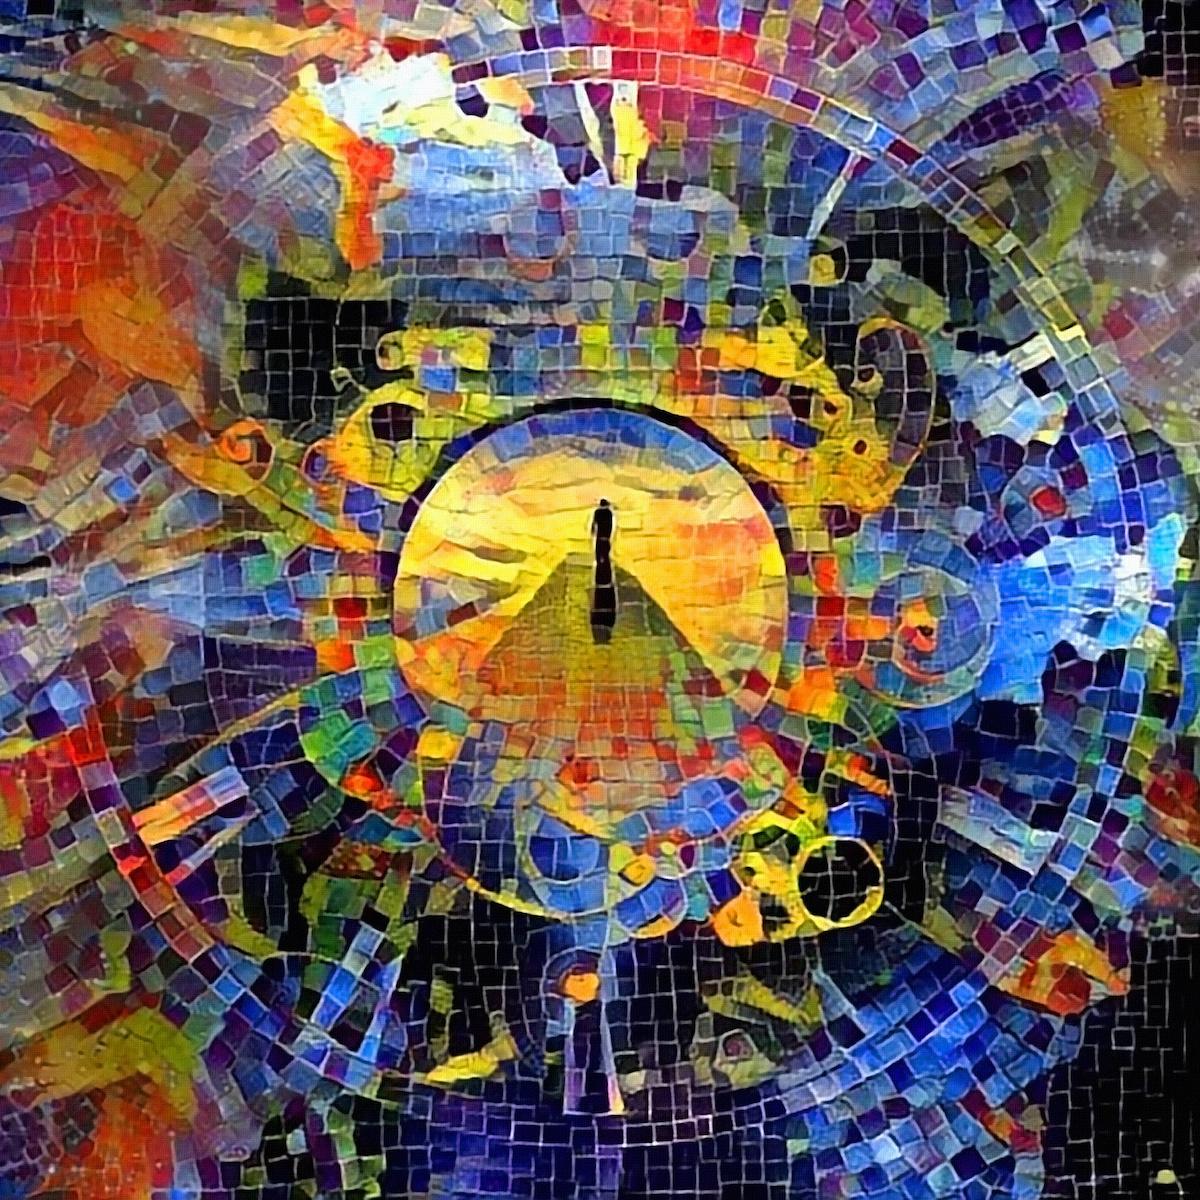 Schilderij - Op weg naar de eeuwigheid, Mozaïk, 2 maten, canvas wanddecoratie -  1 luik - 100x100 cm